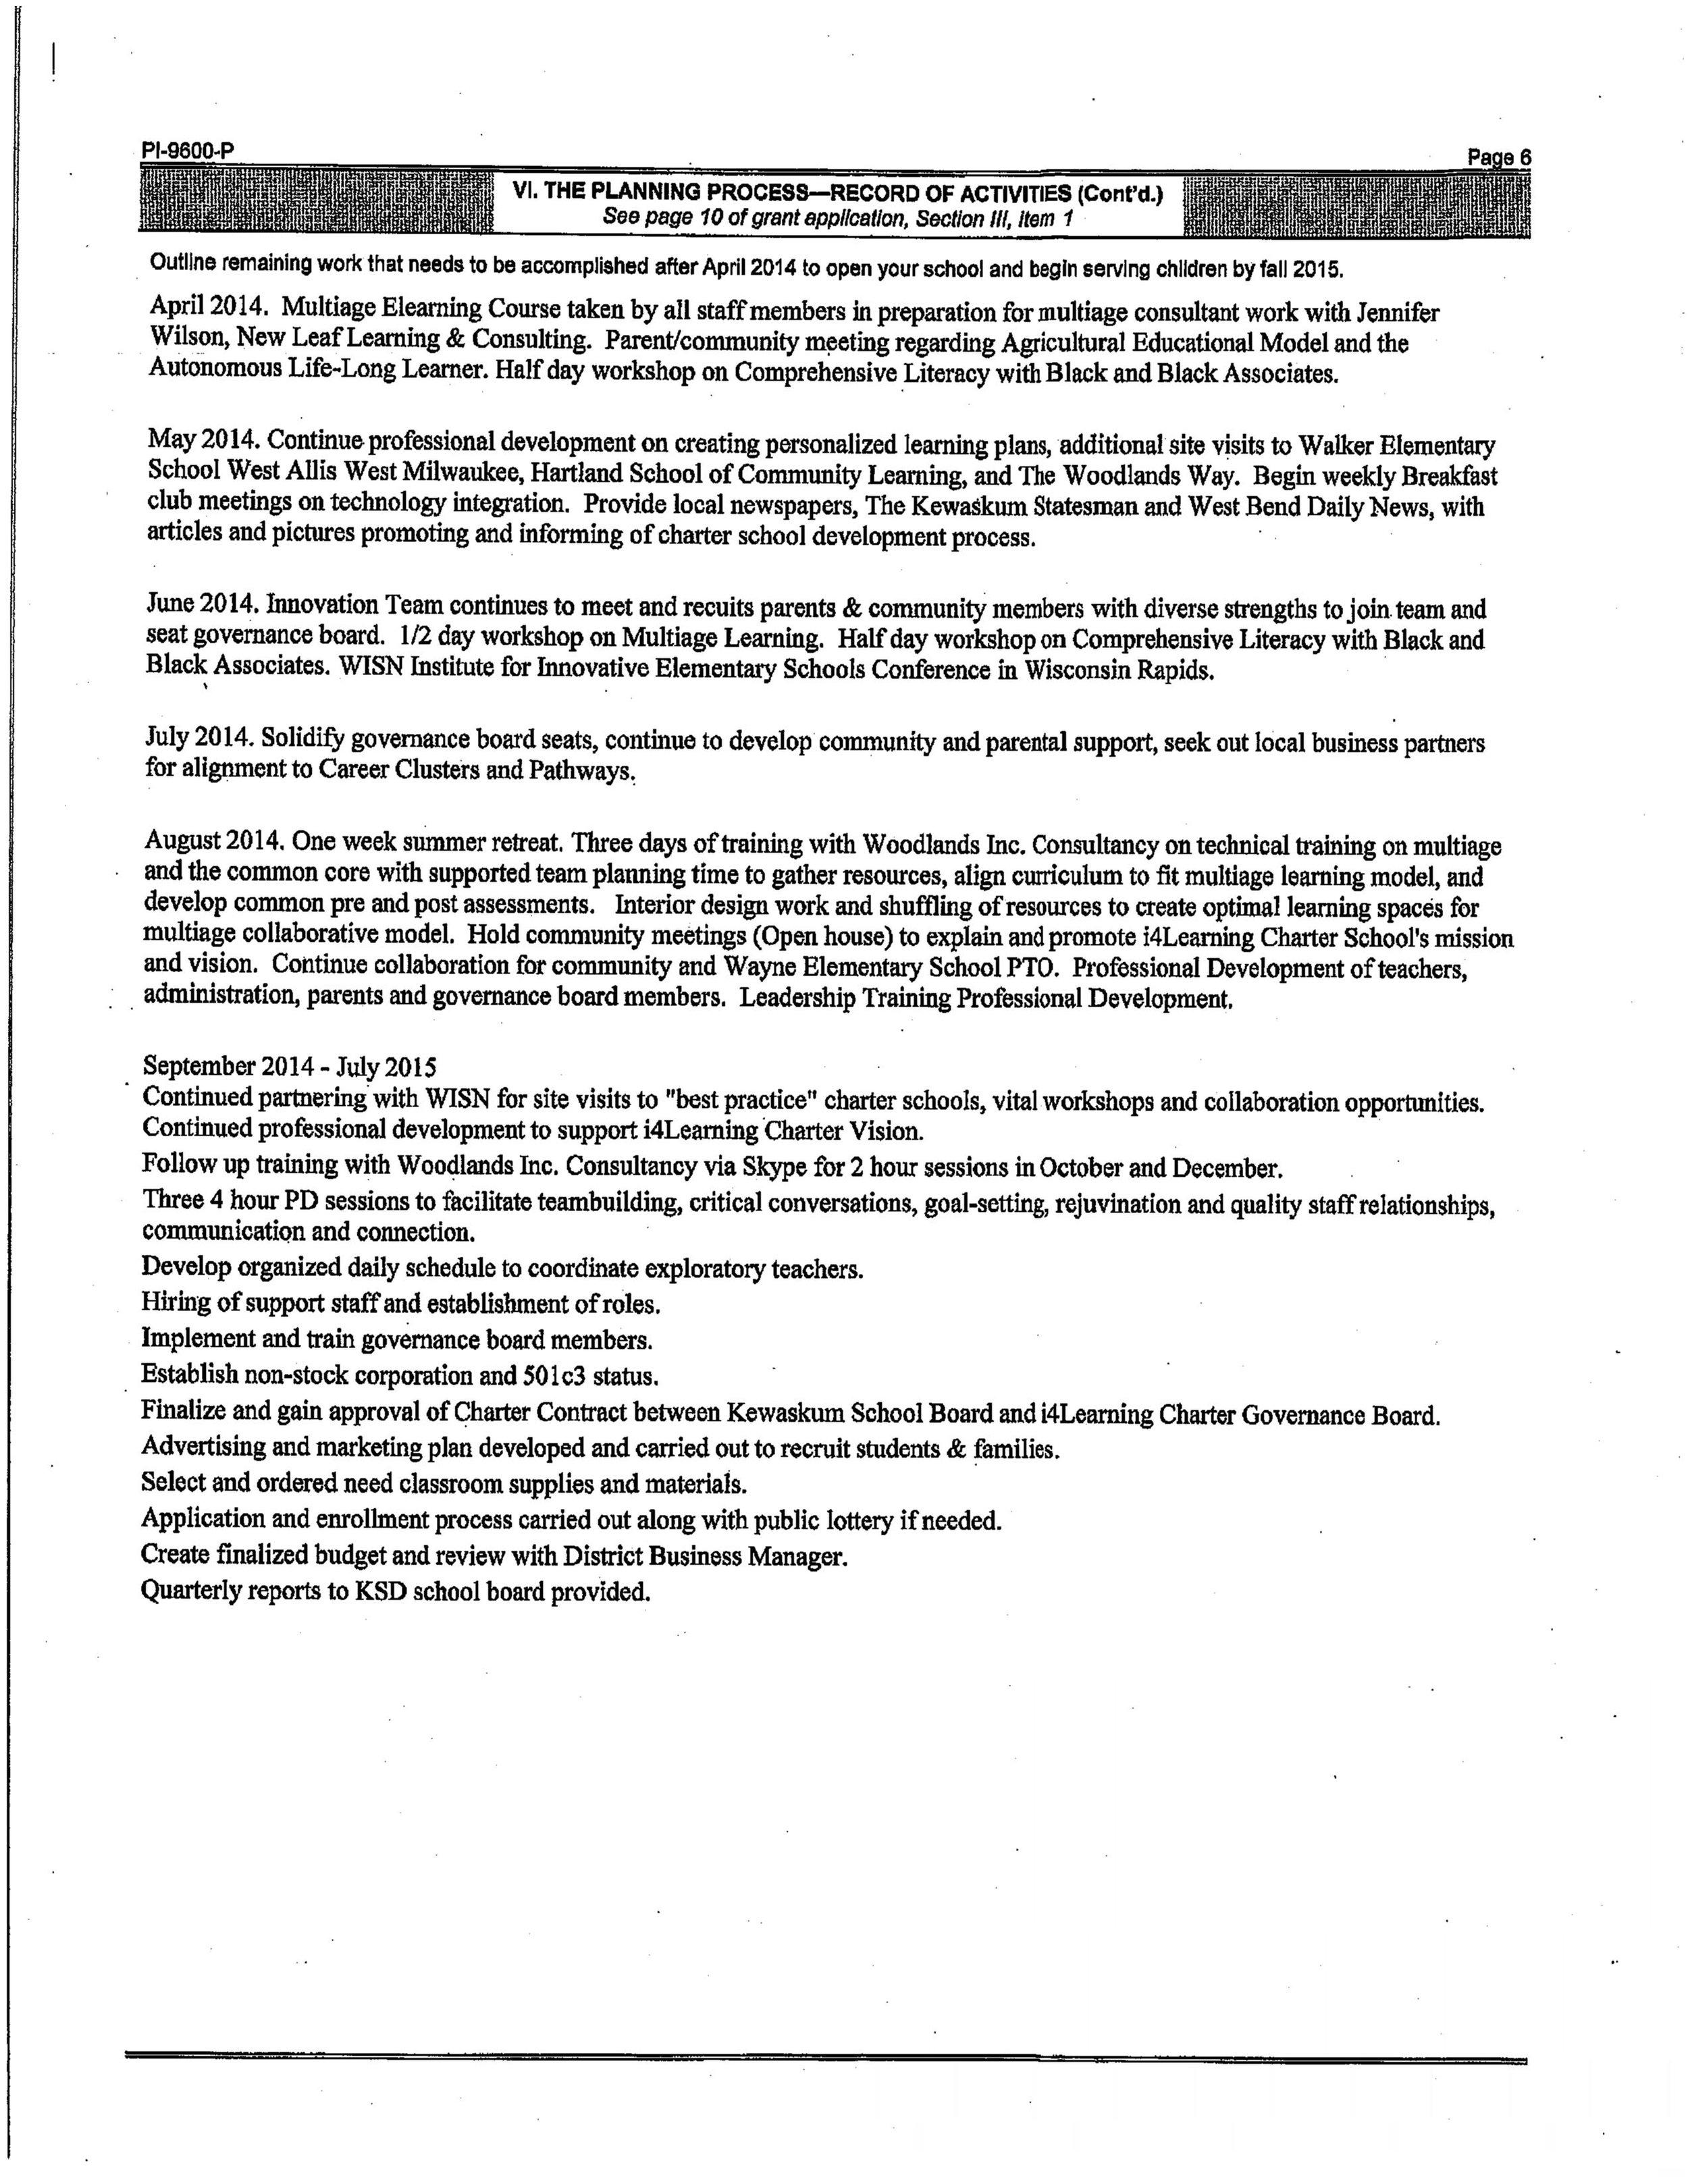 Planning Grant pg 6.jpg